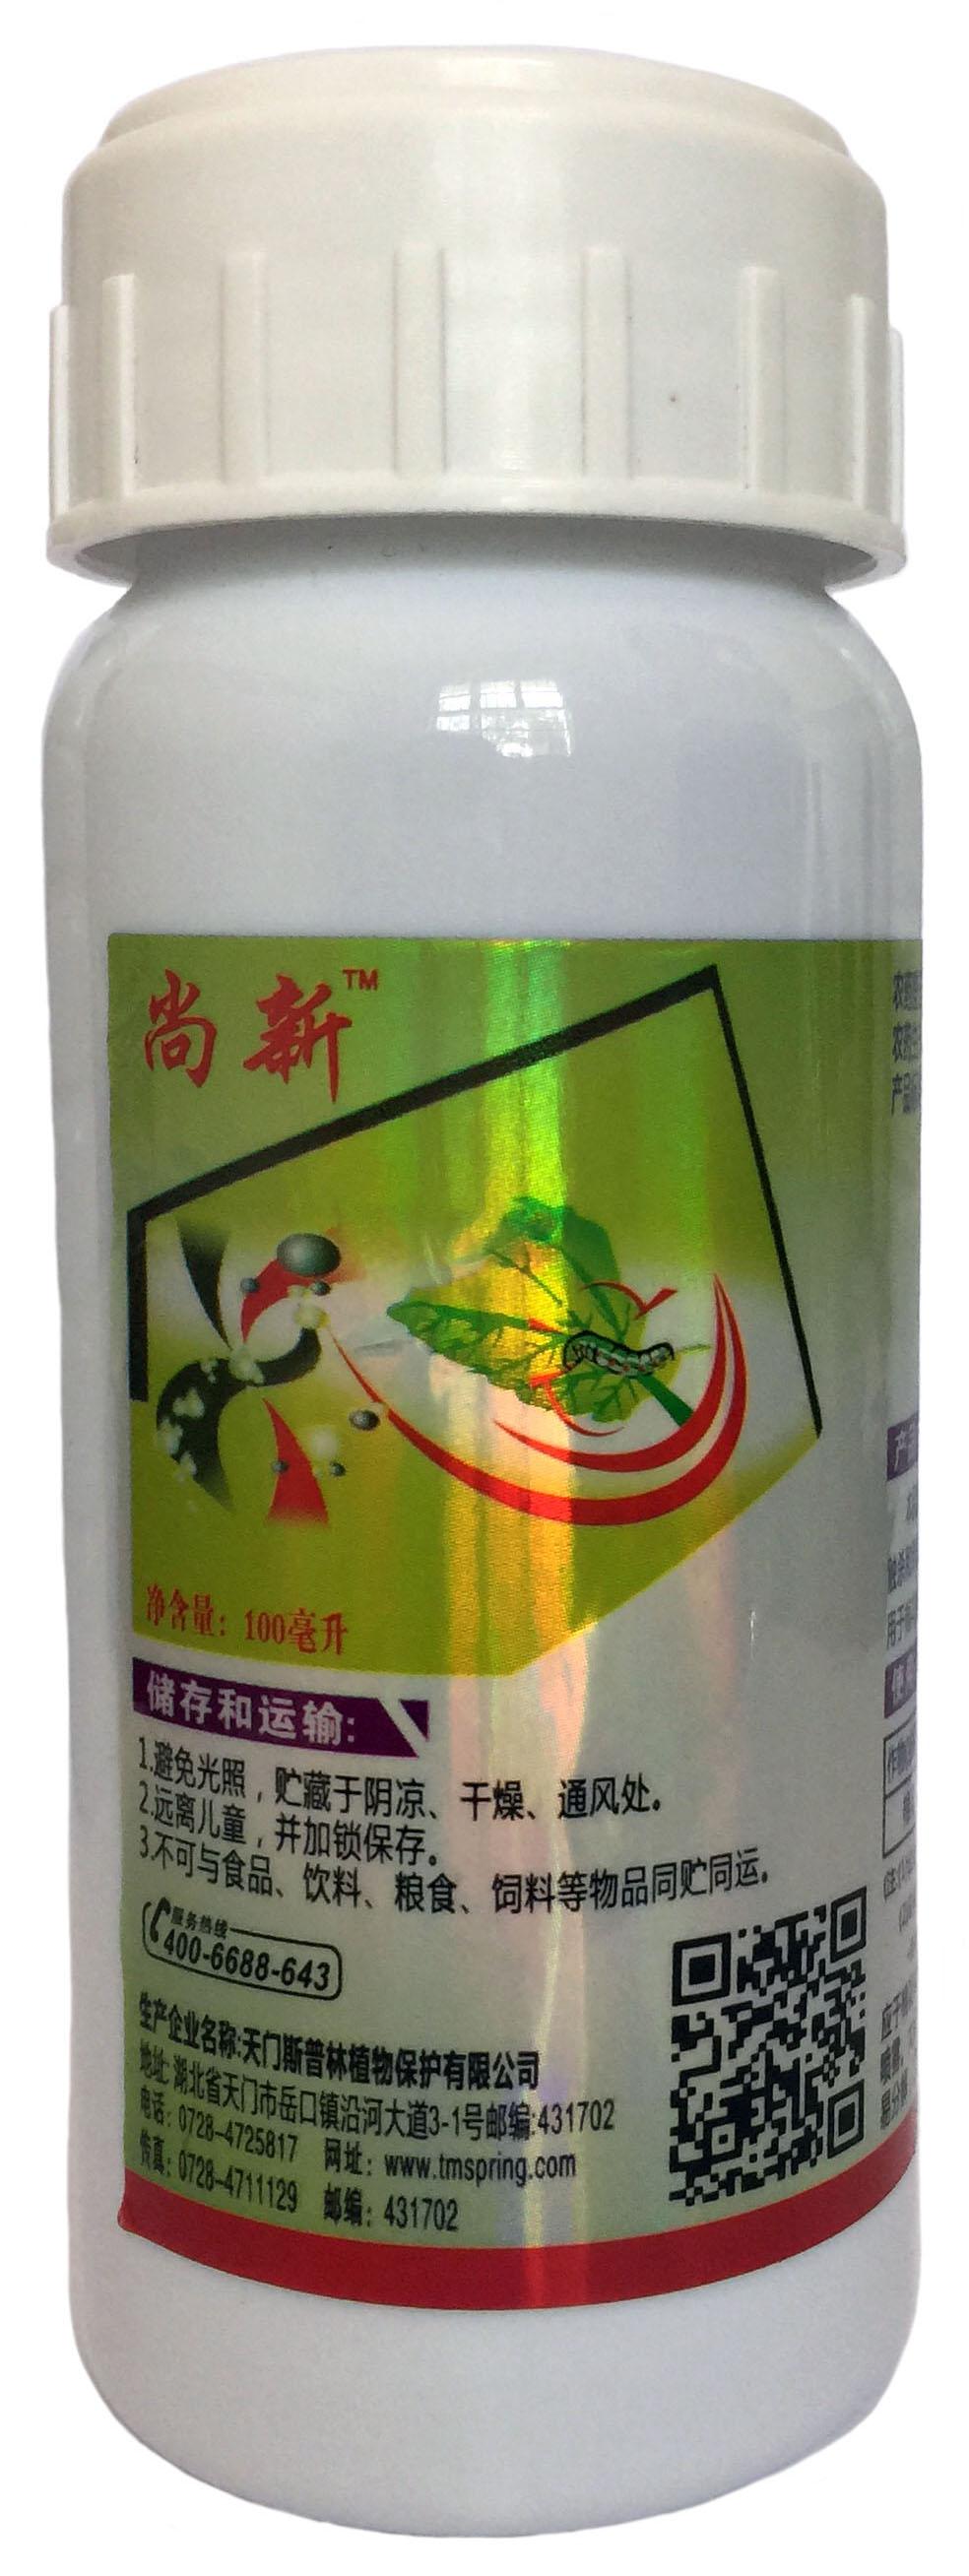 尚新(5%阿�u�S菌素微乳��)